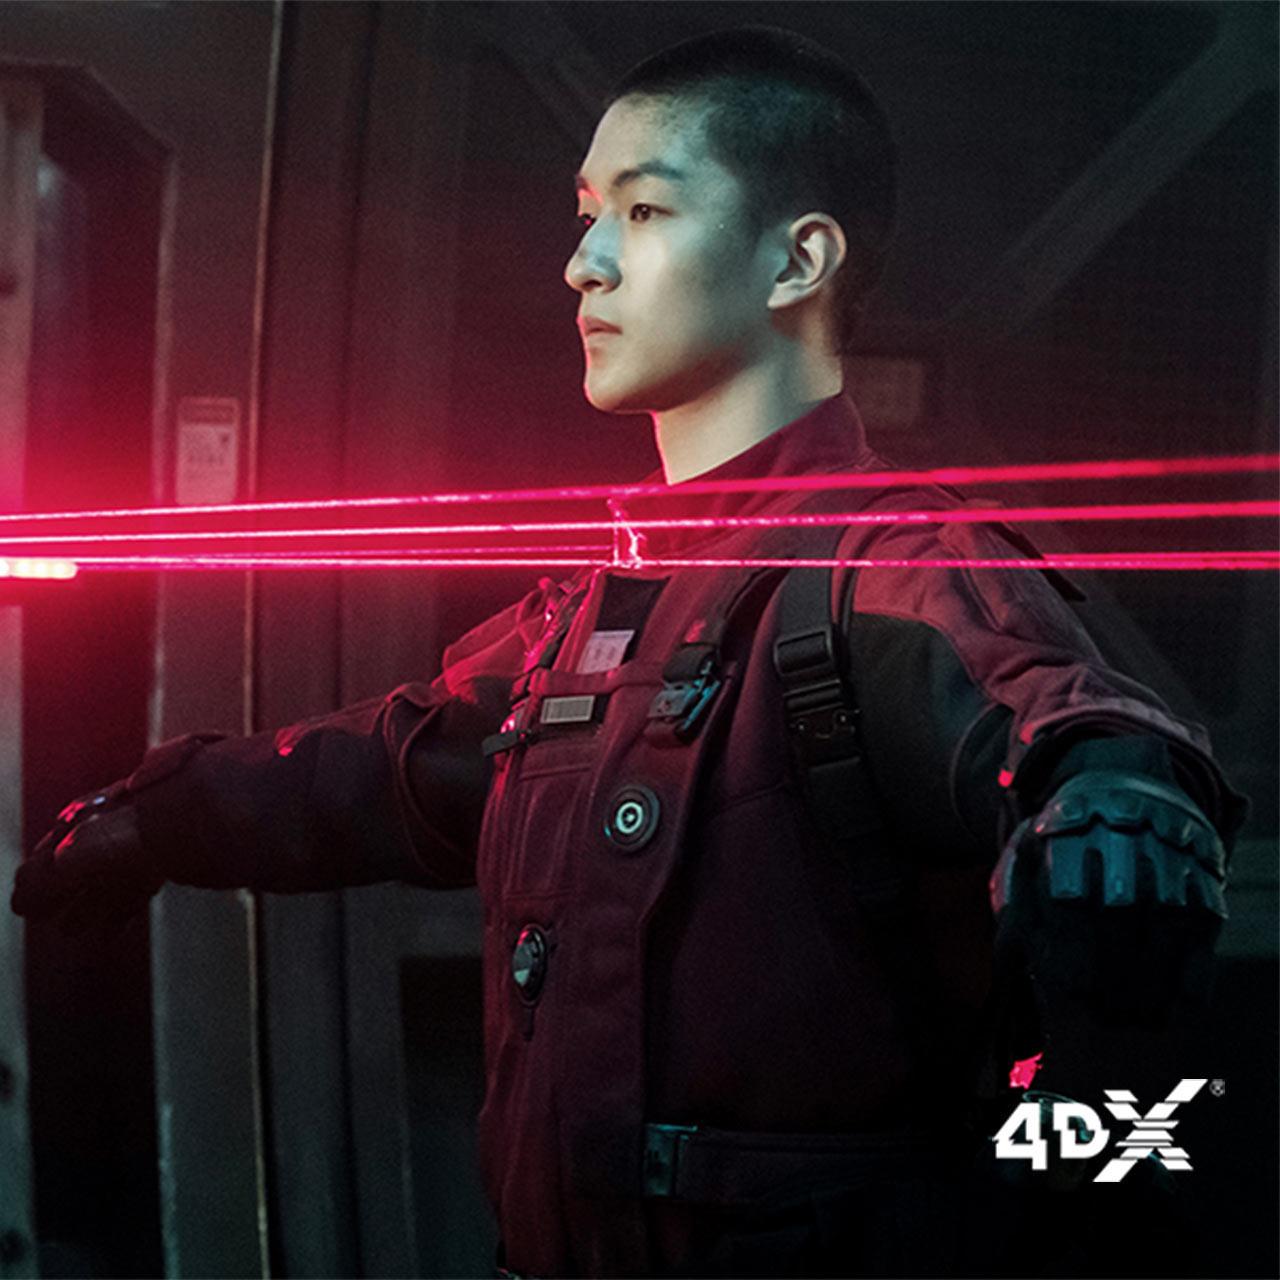 4DX影厅助力《流浪地球》票房口碑双爆